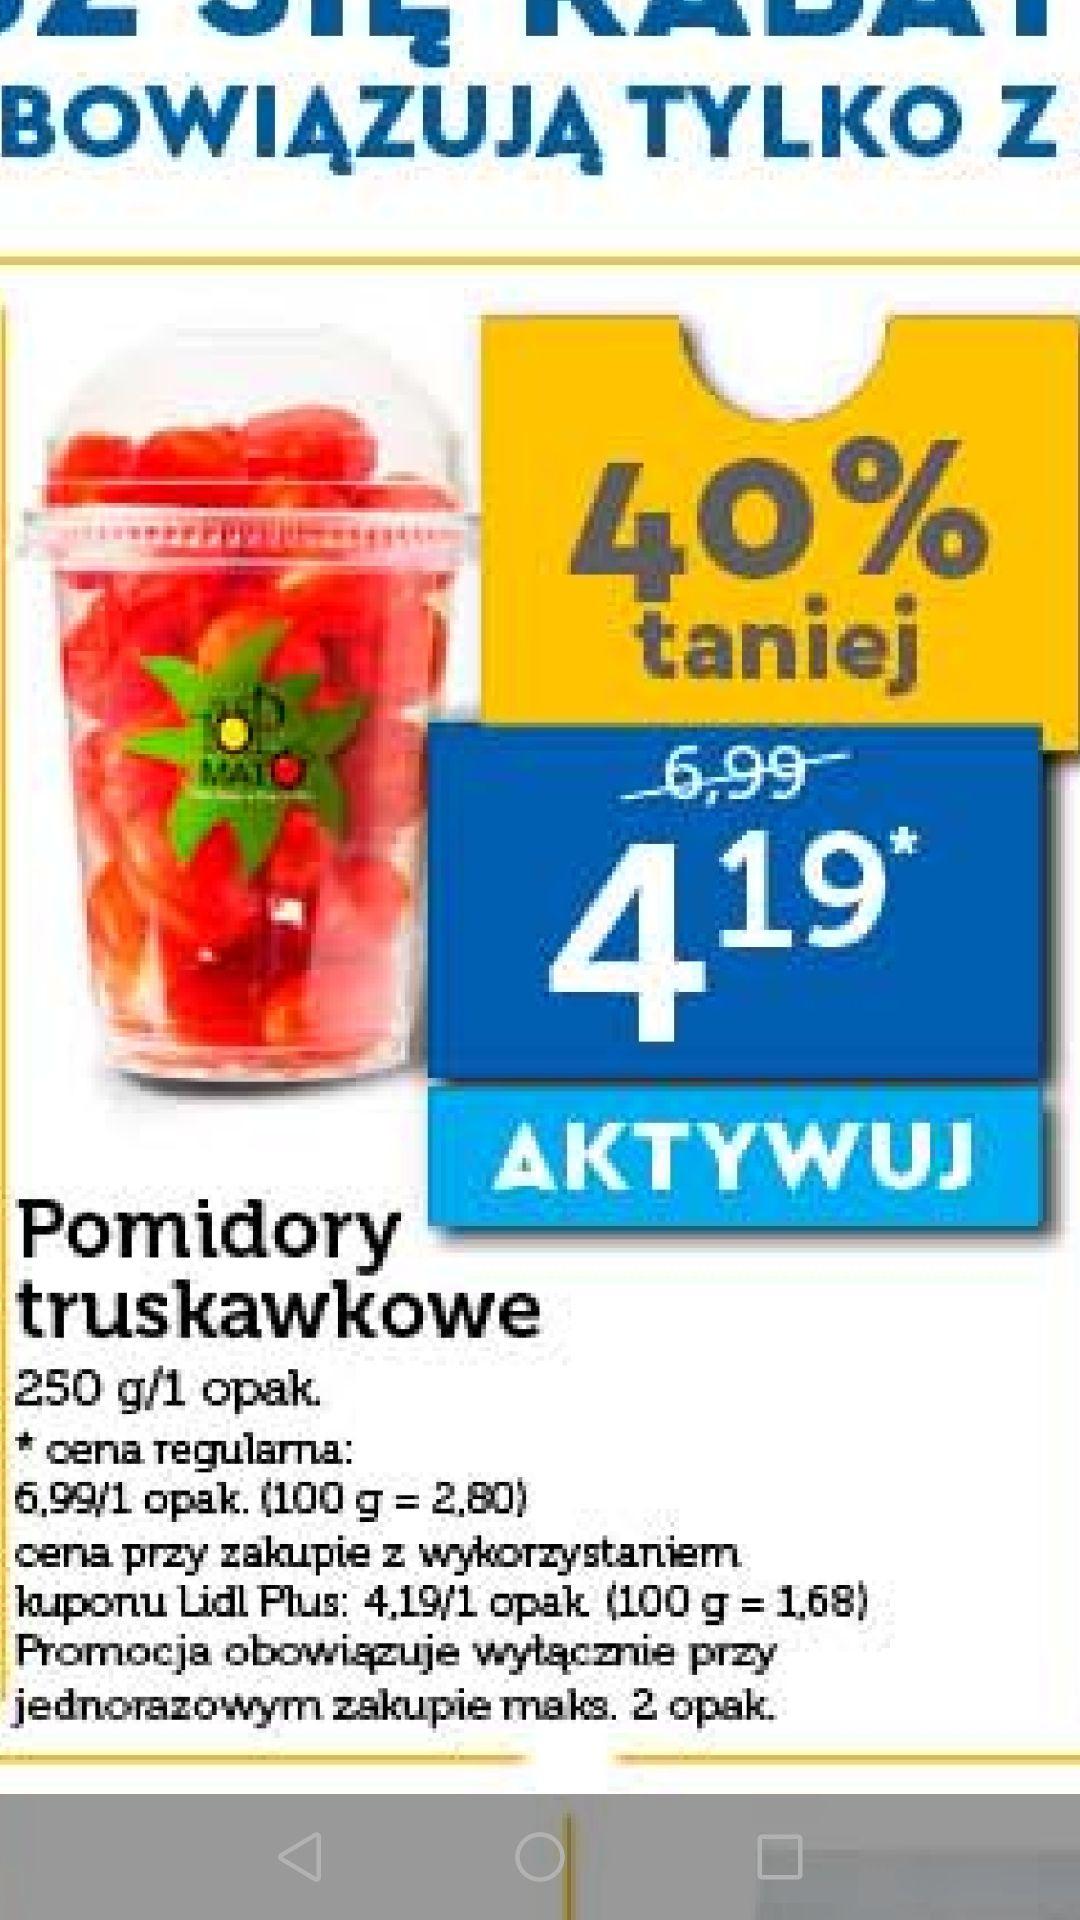 Smaczne pomidory truskawkowe 250g kupon Lidl Plus